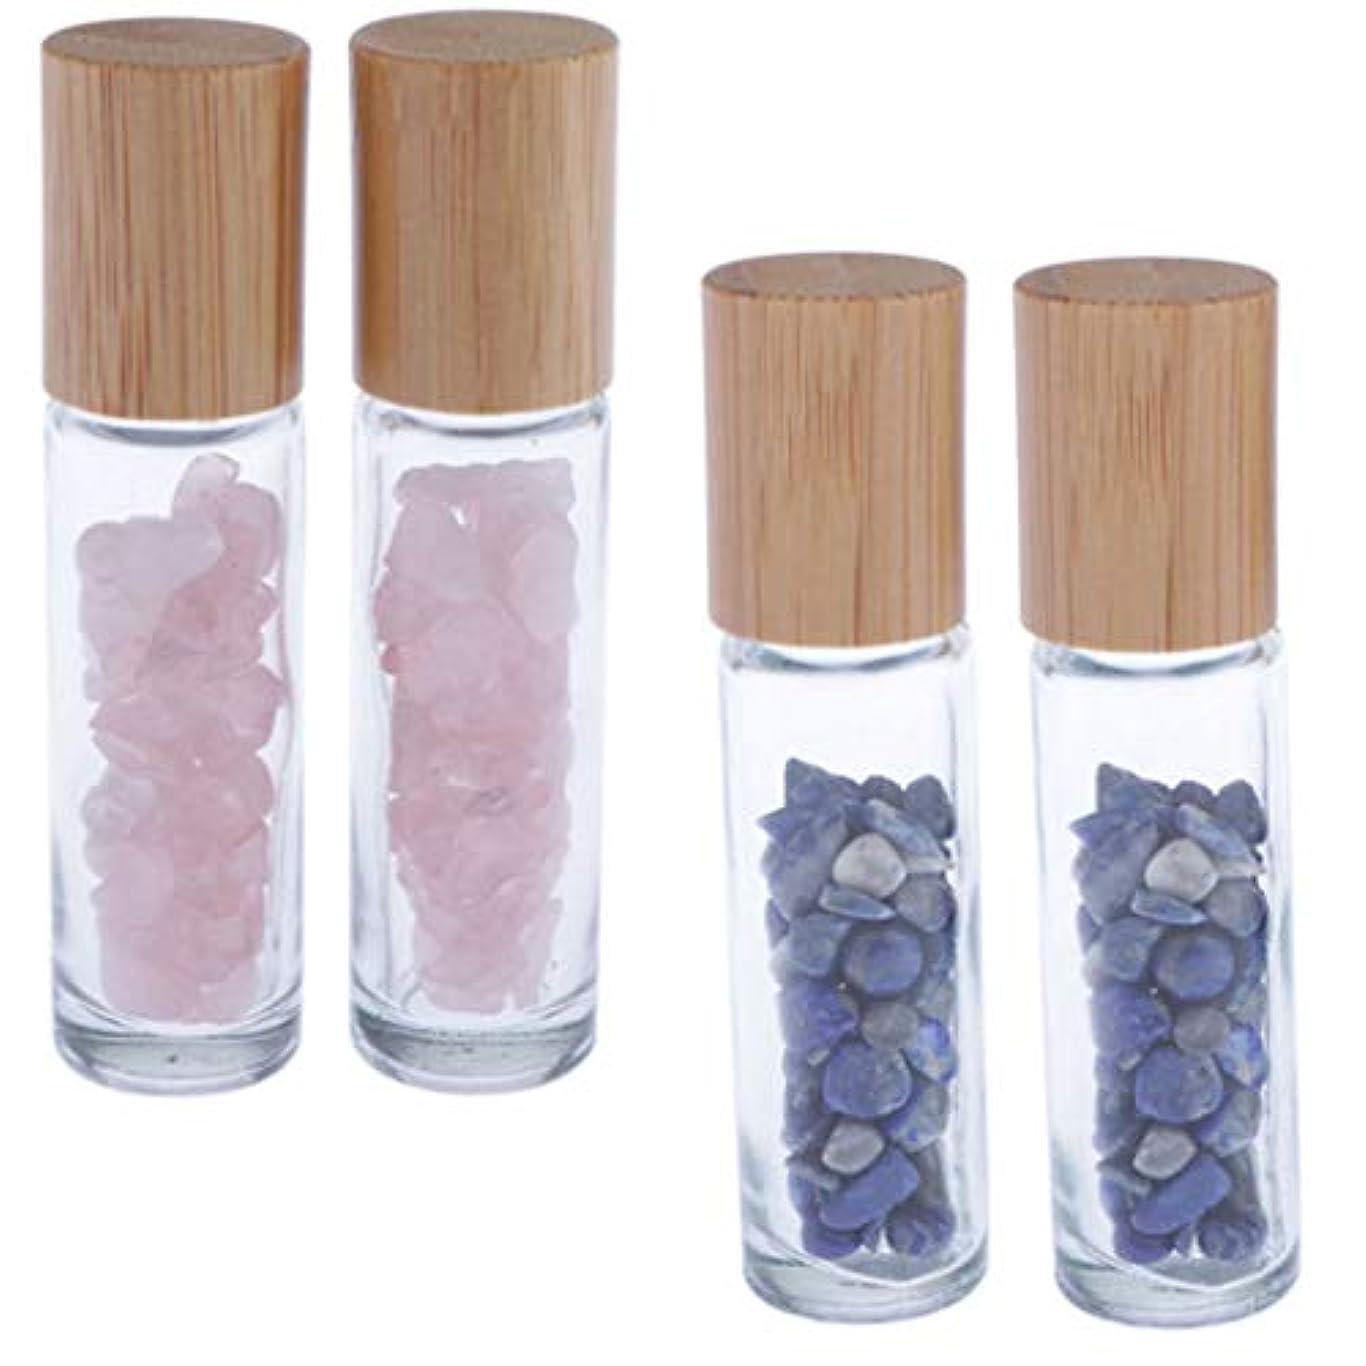 競争力のあるサイトライン適合しました香水 ロールオン アトマイザー 小分け ガラスボトル 詰め替え エッセンシャルオイルボトル